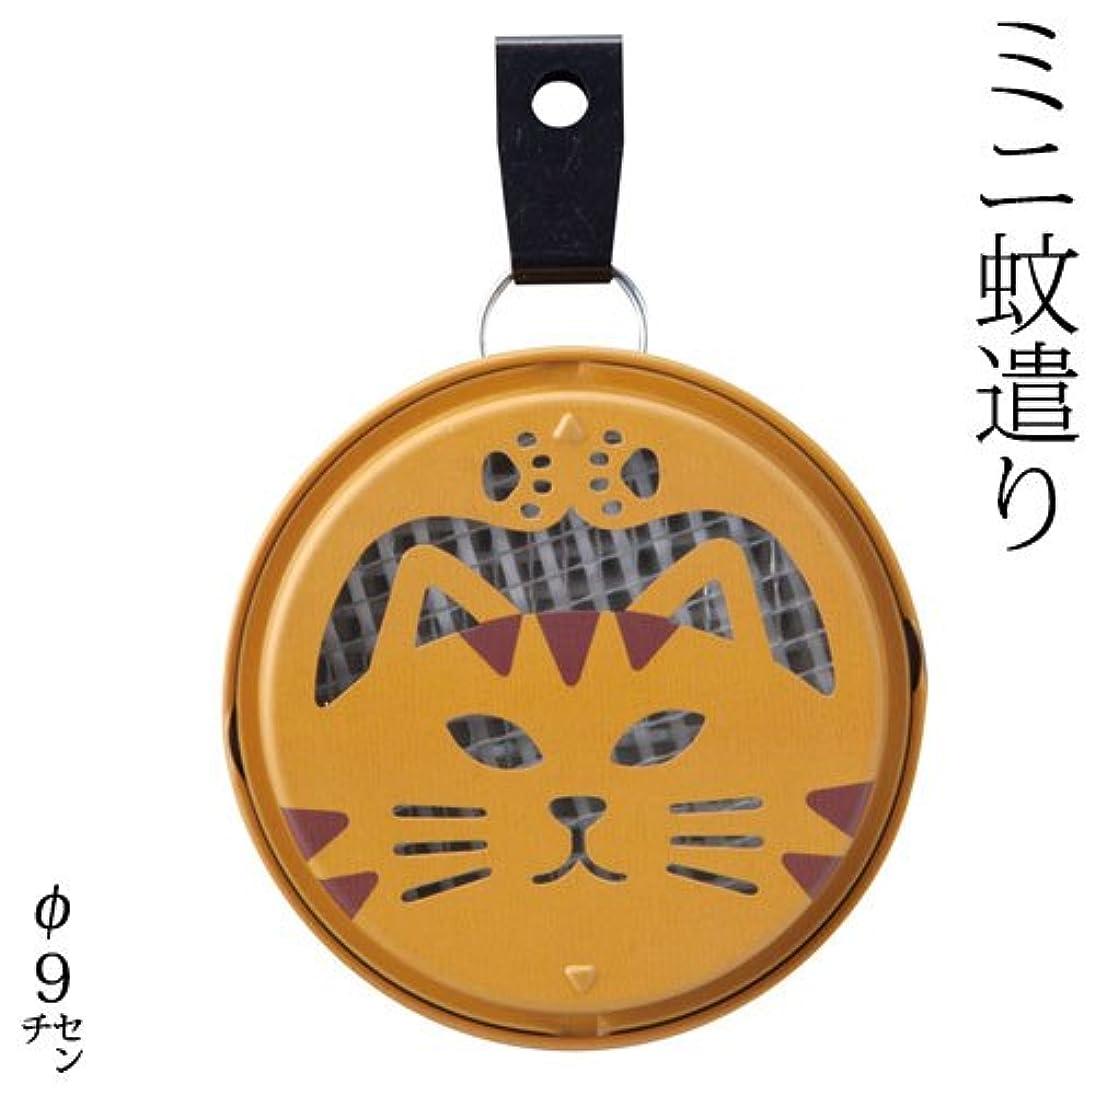 アルプス塩辛い現実的DECOLEポータブルミニ蚊遣りトラ猫 (SK-87513)吊り下げ?床置き対応Portable mini Kayari